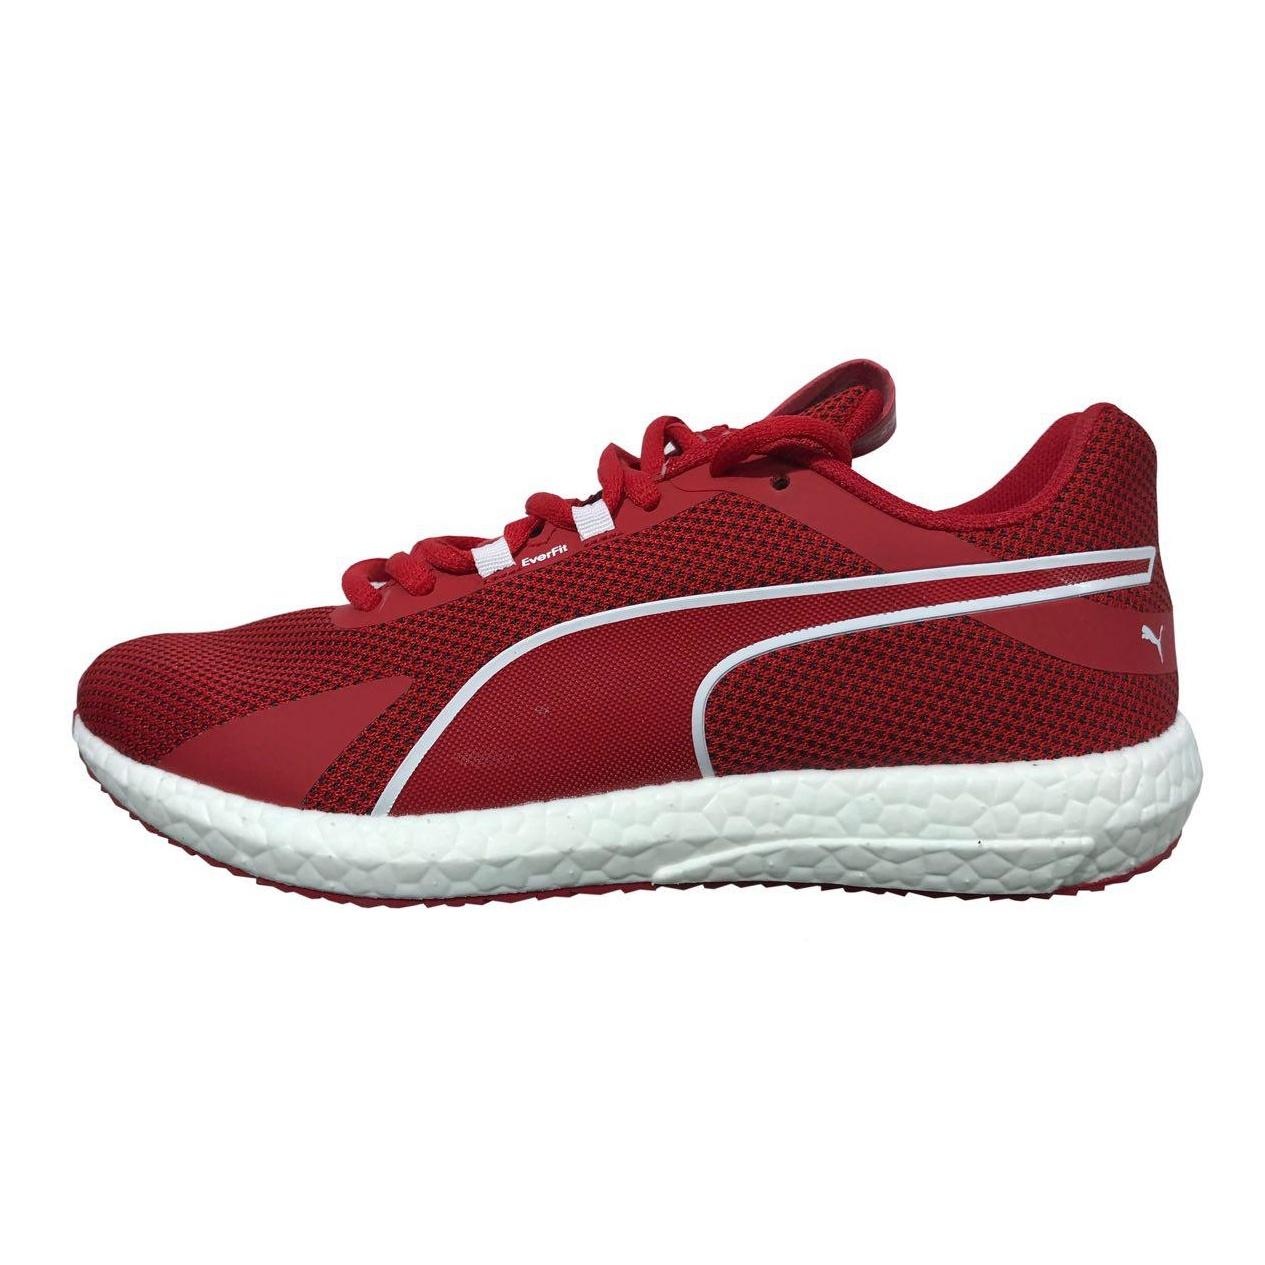 کفش مخصوص پیاده روی زنانه مدل Mega Nrgy کد 025